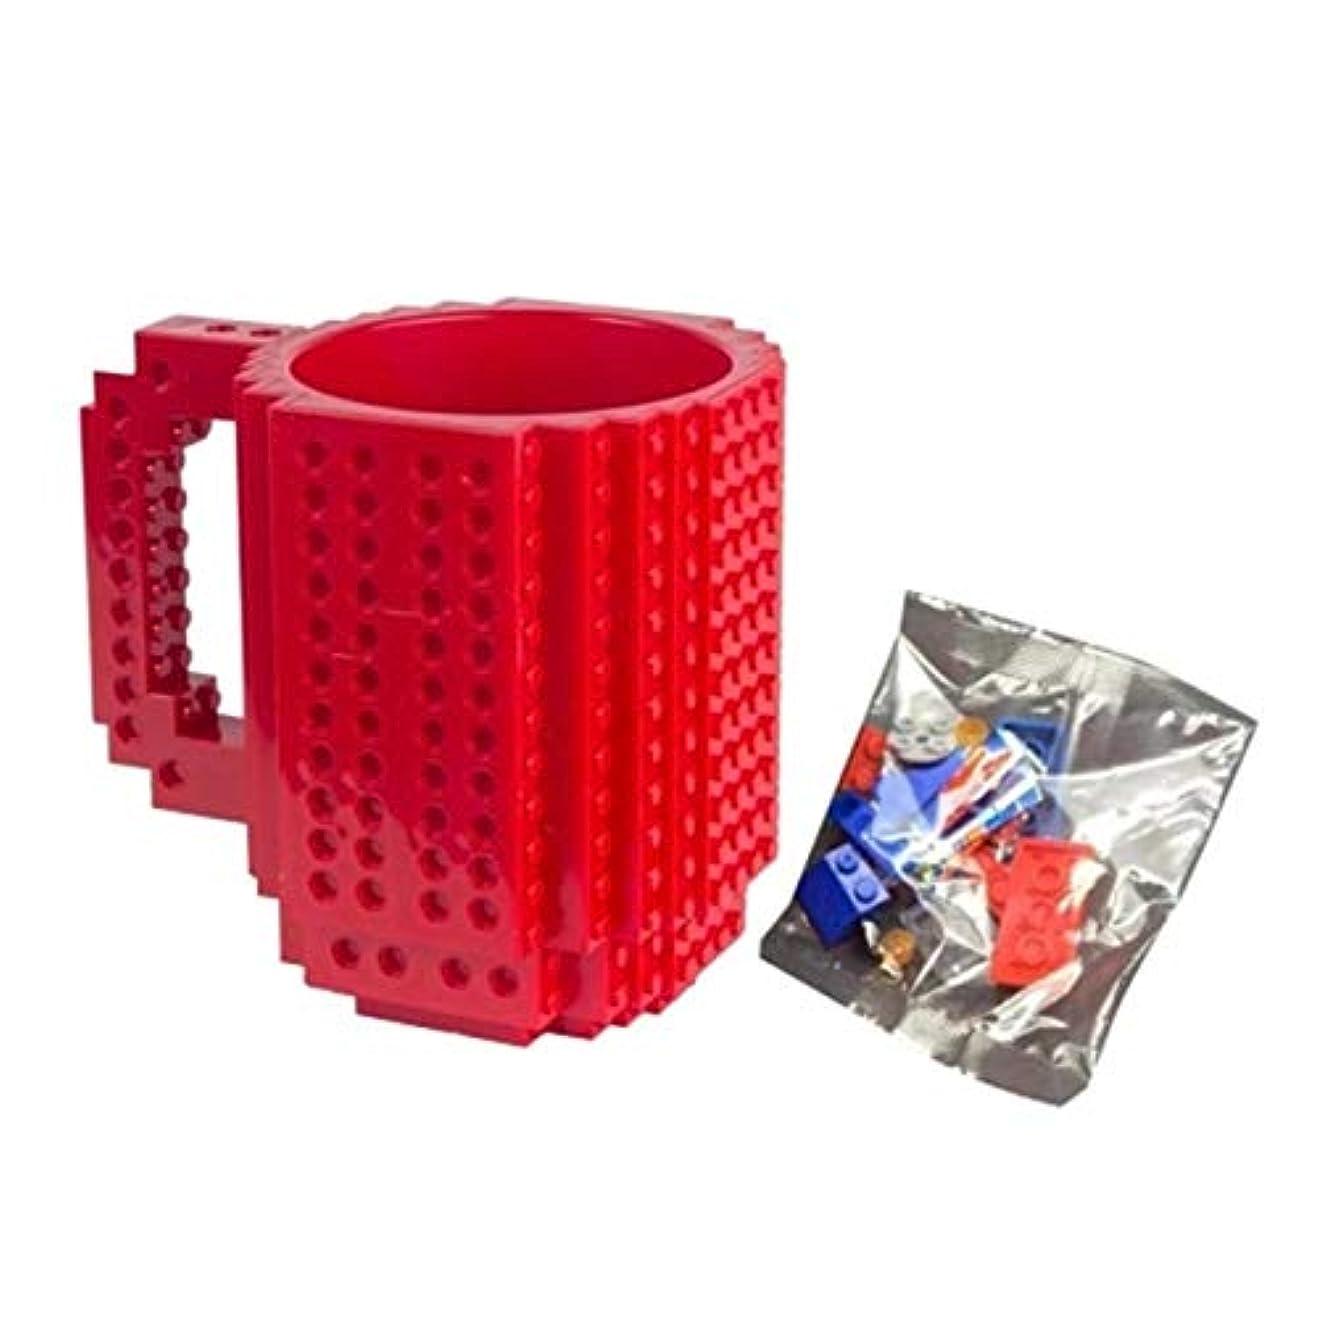 チャーミングミトン飲み込むSaikogoods レンガマグカップDIY?ビルディング?ブロックのコーヒーカップを構築 赤